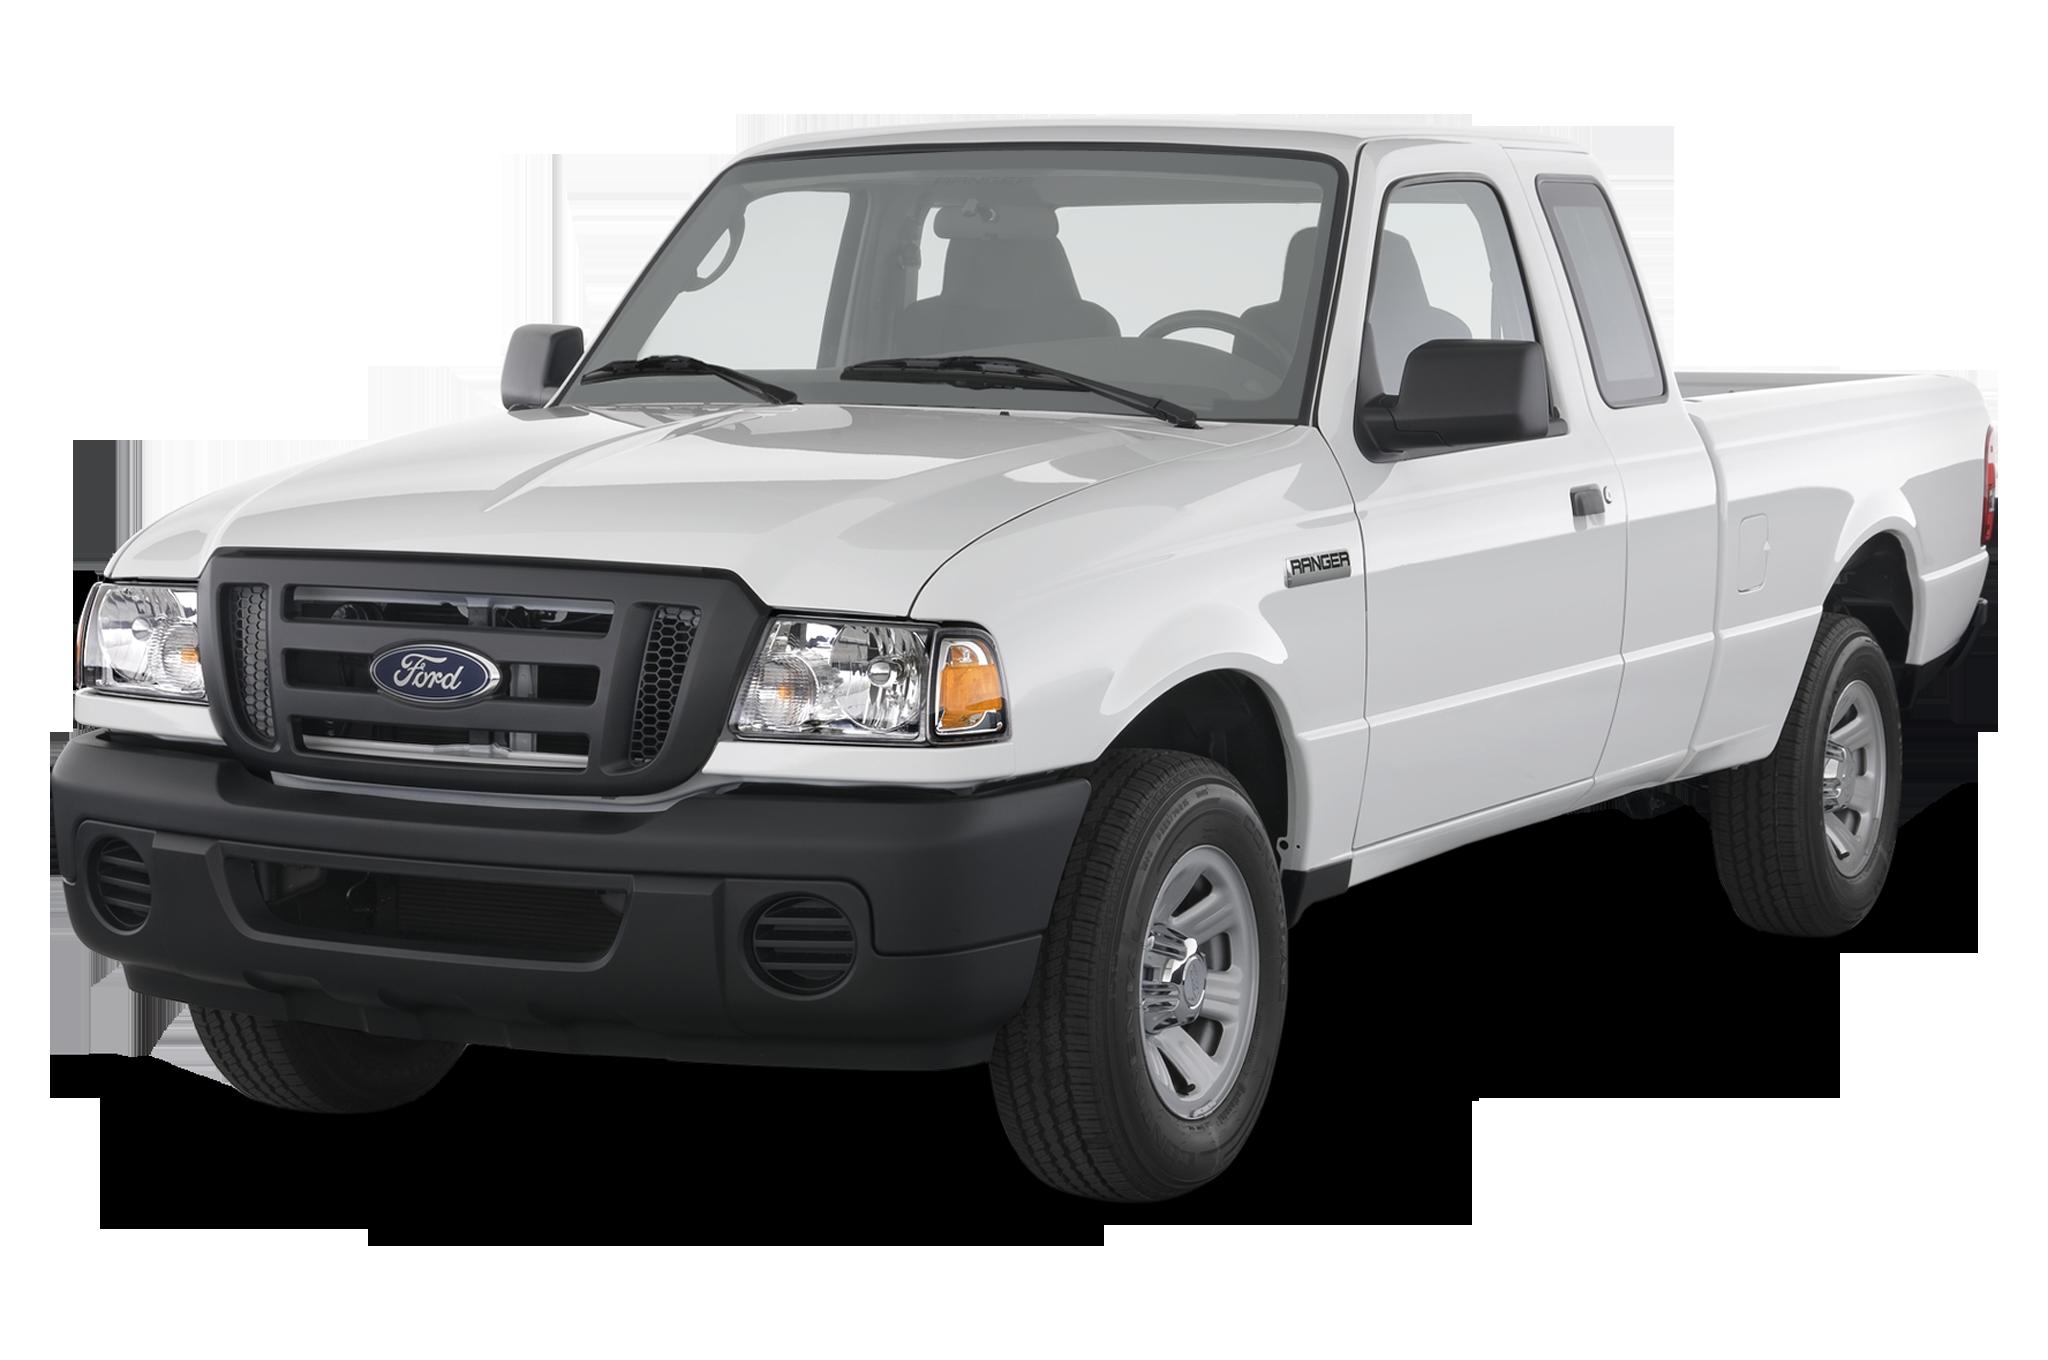 46250 - Ford Ranger 2015 Extended Cab